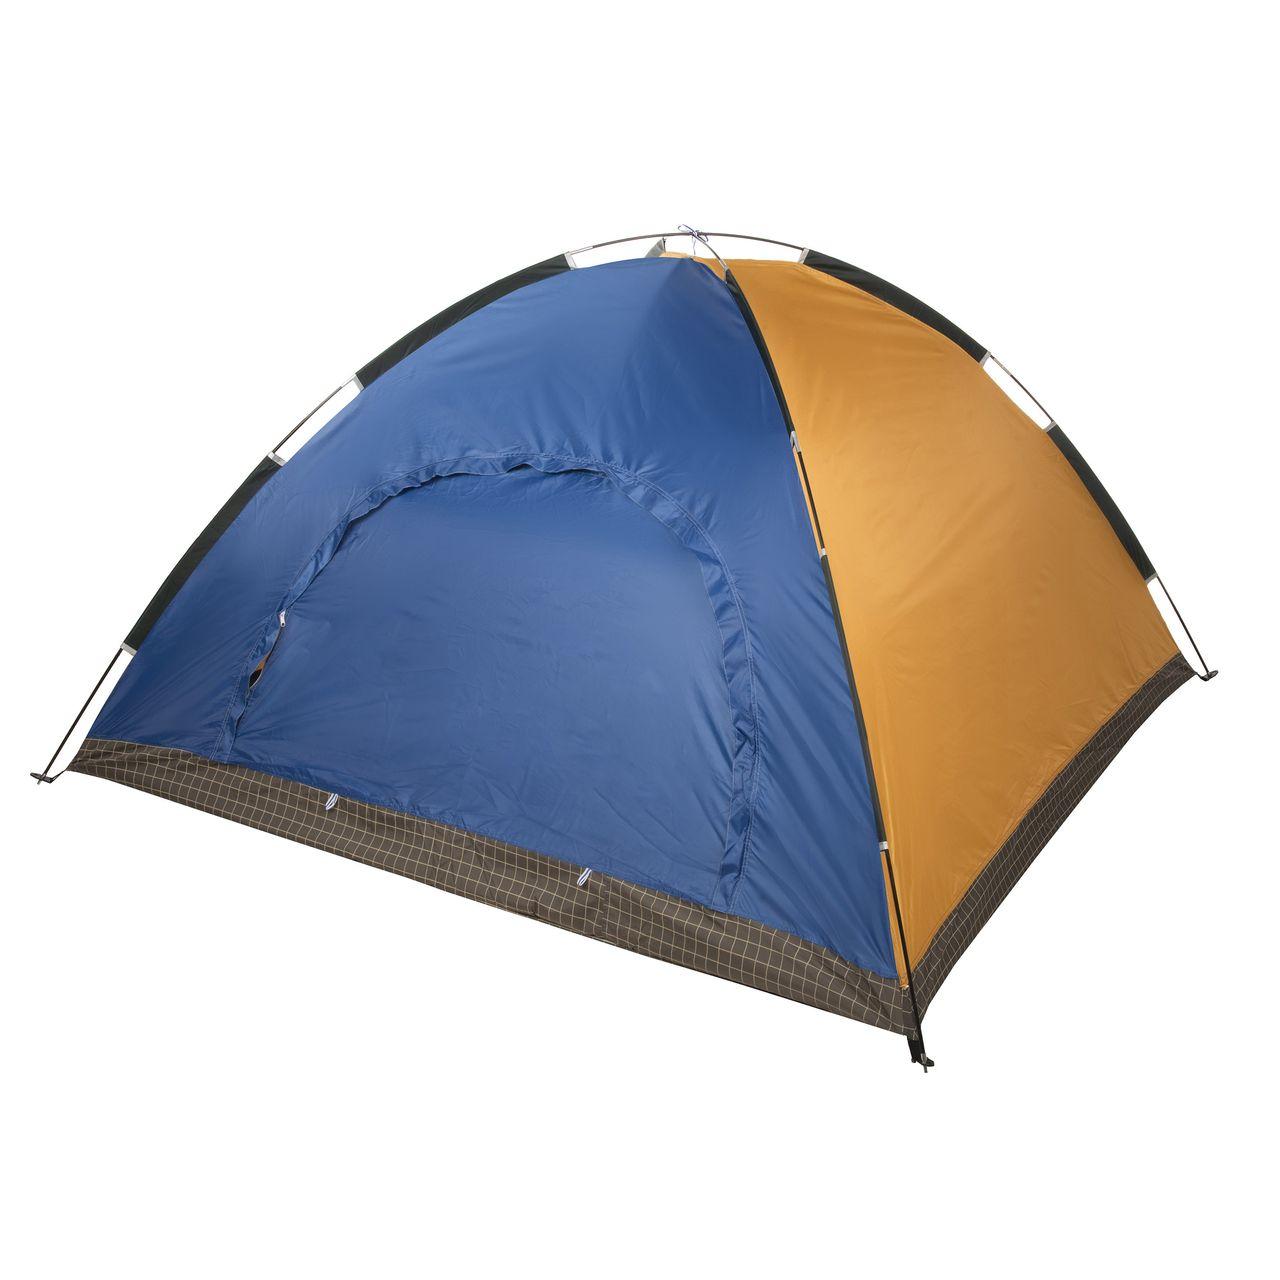 چادر مسافرتی 4 نفره کد 002